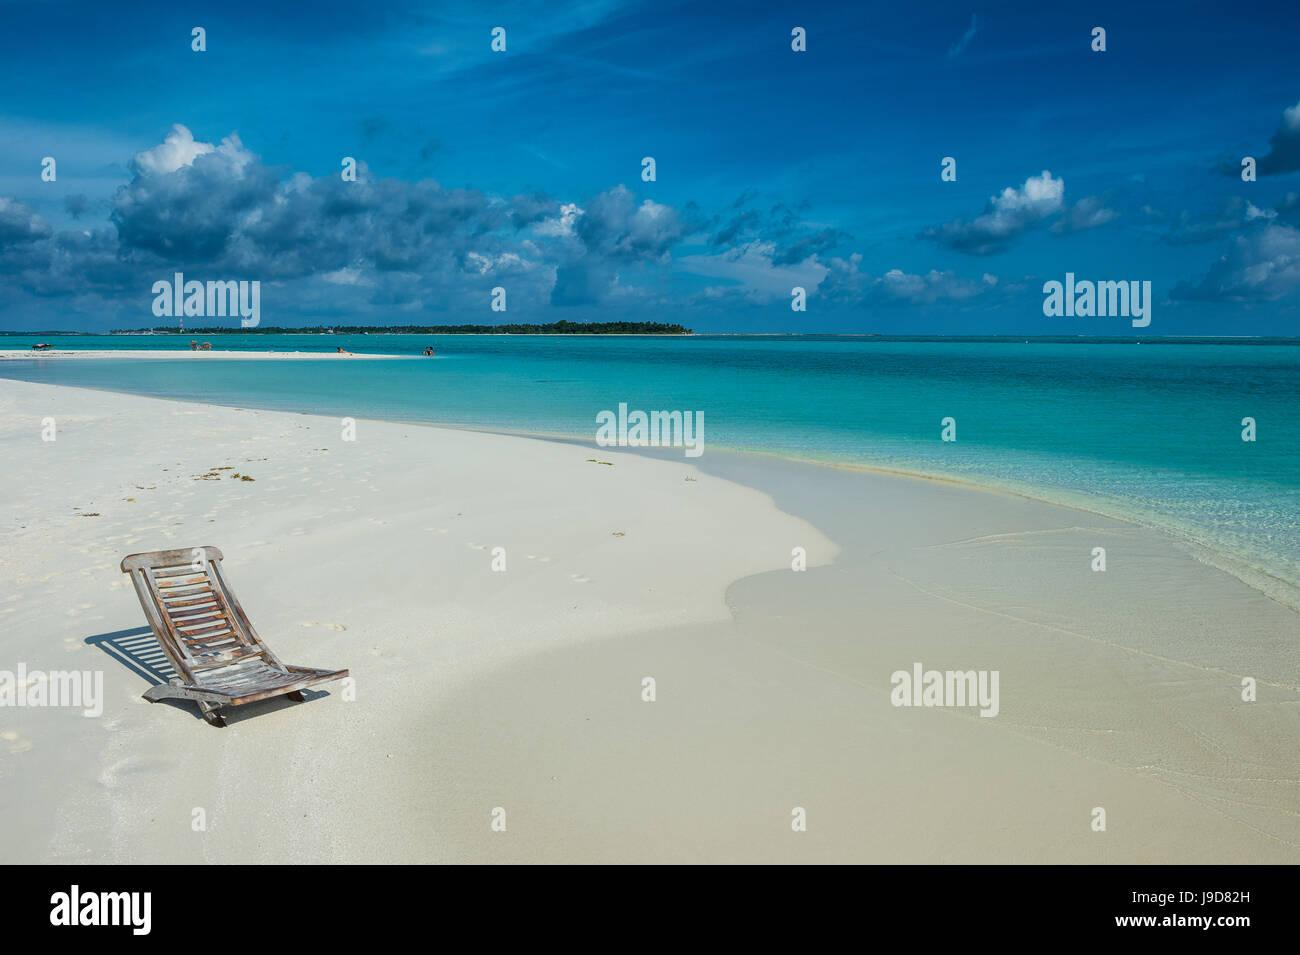 Liegestuhl auf einem weißen Sandstrand und türkisfarbenes Wasser, Sun Island Resort, Nalaguraidhoo Insel, Stockbild